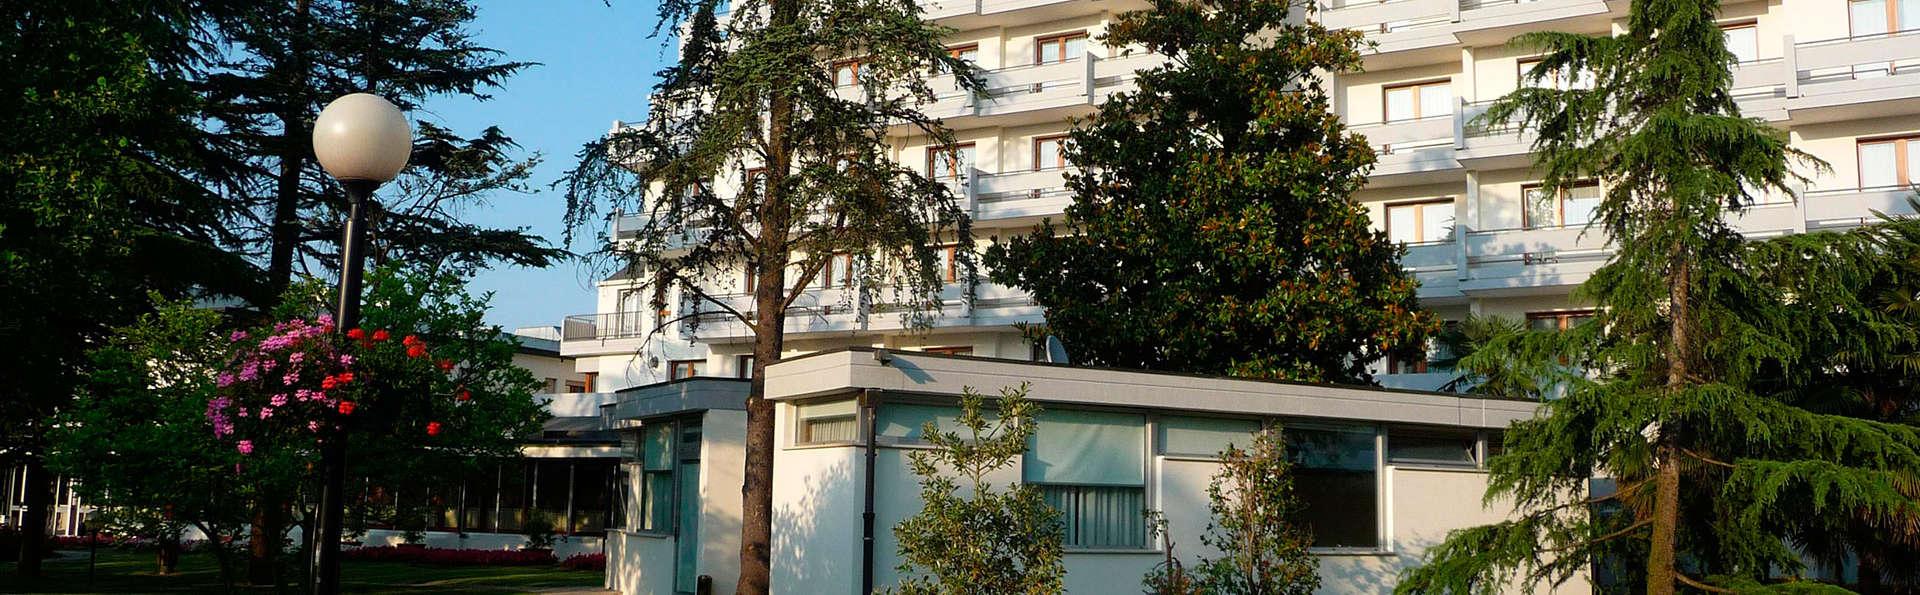 Villa Fiorita - EDIT_front2.jpg